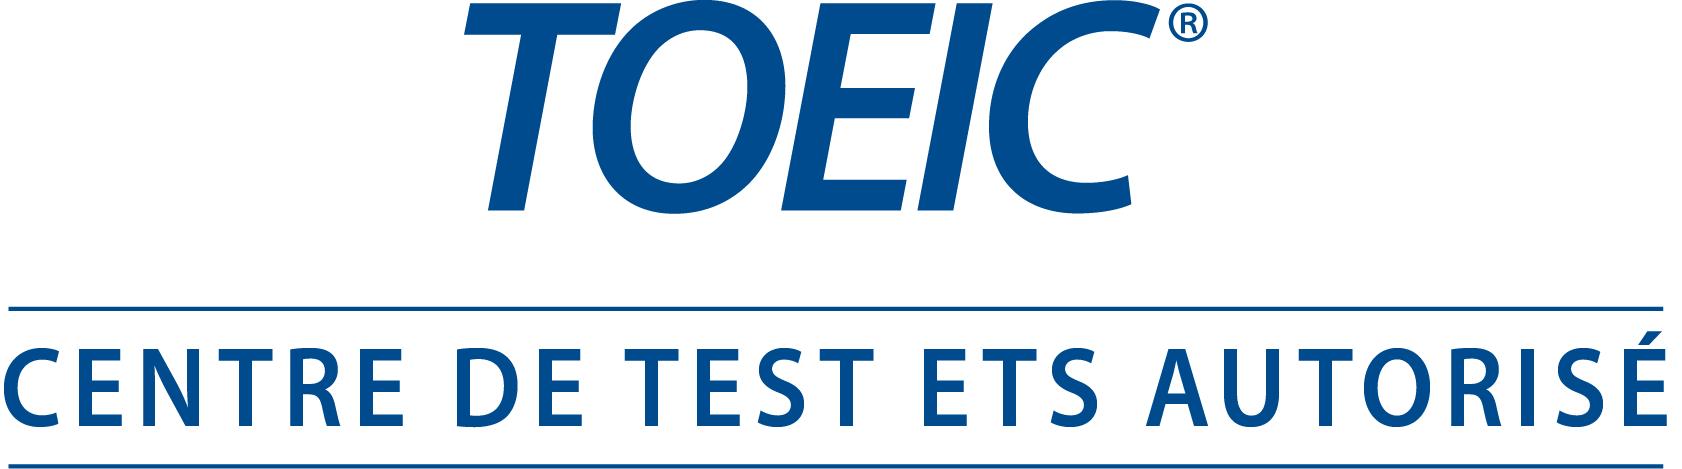 Centre de test ETS autorisé TOEIC